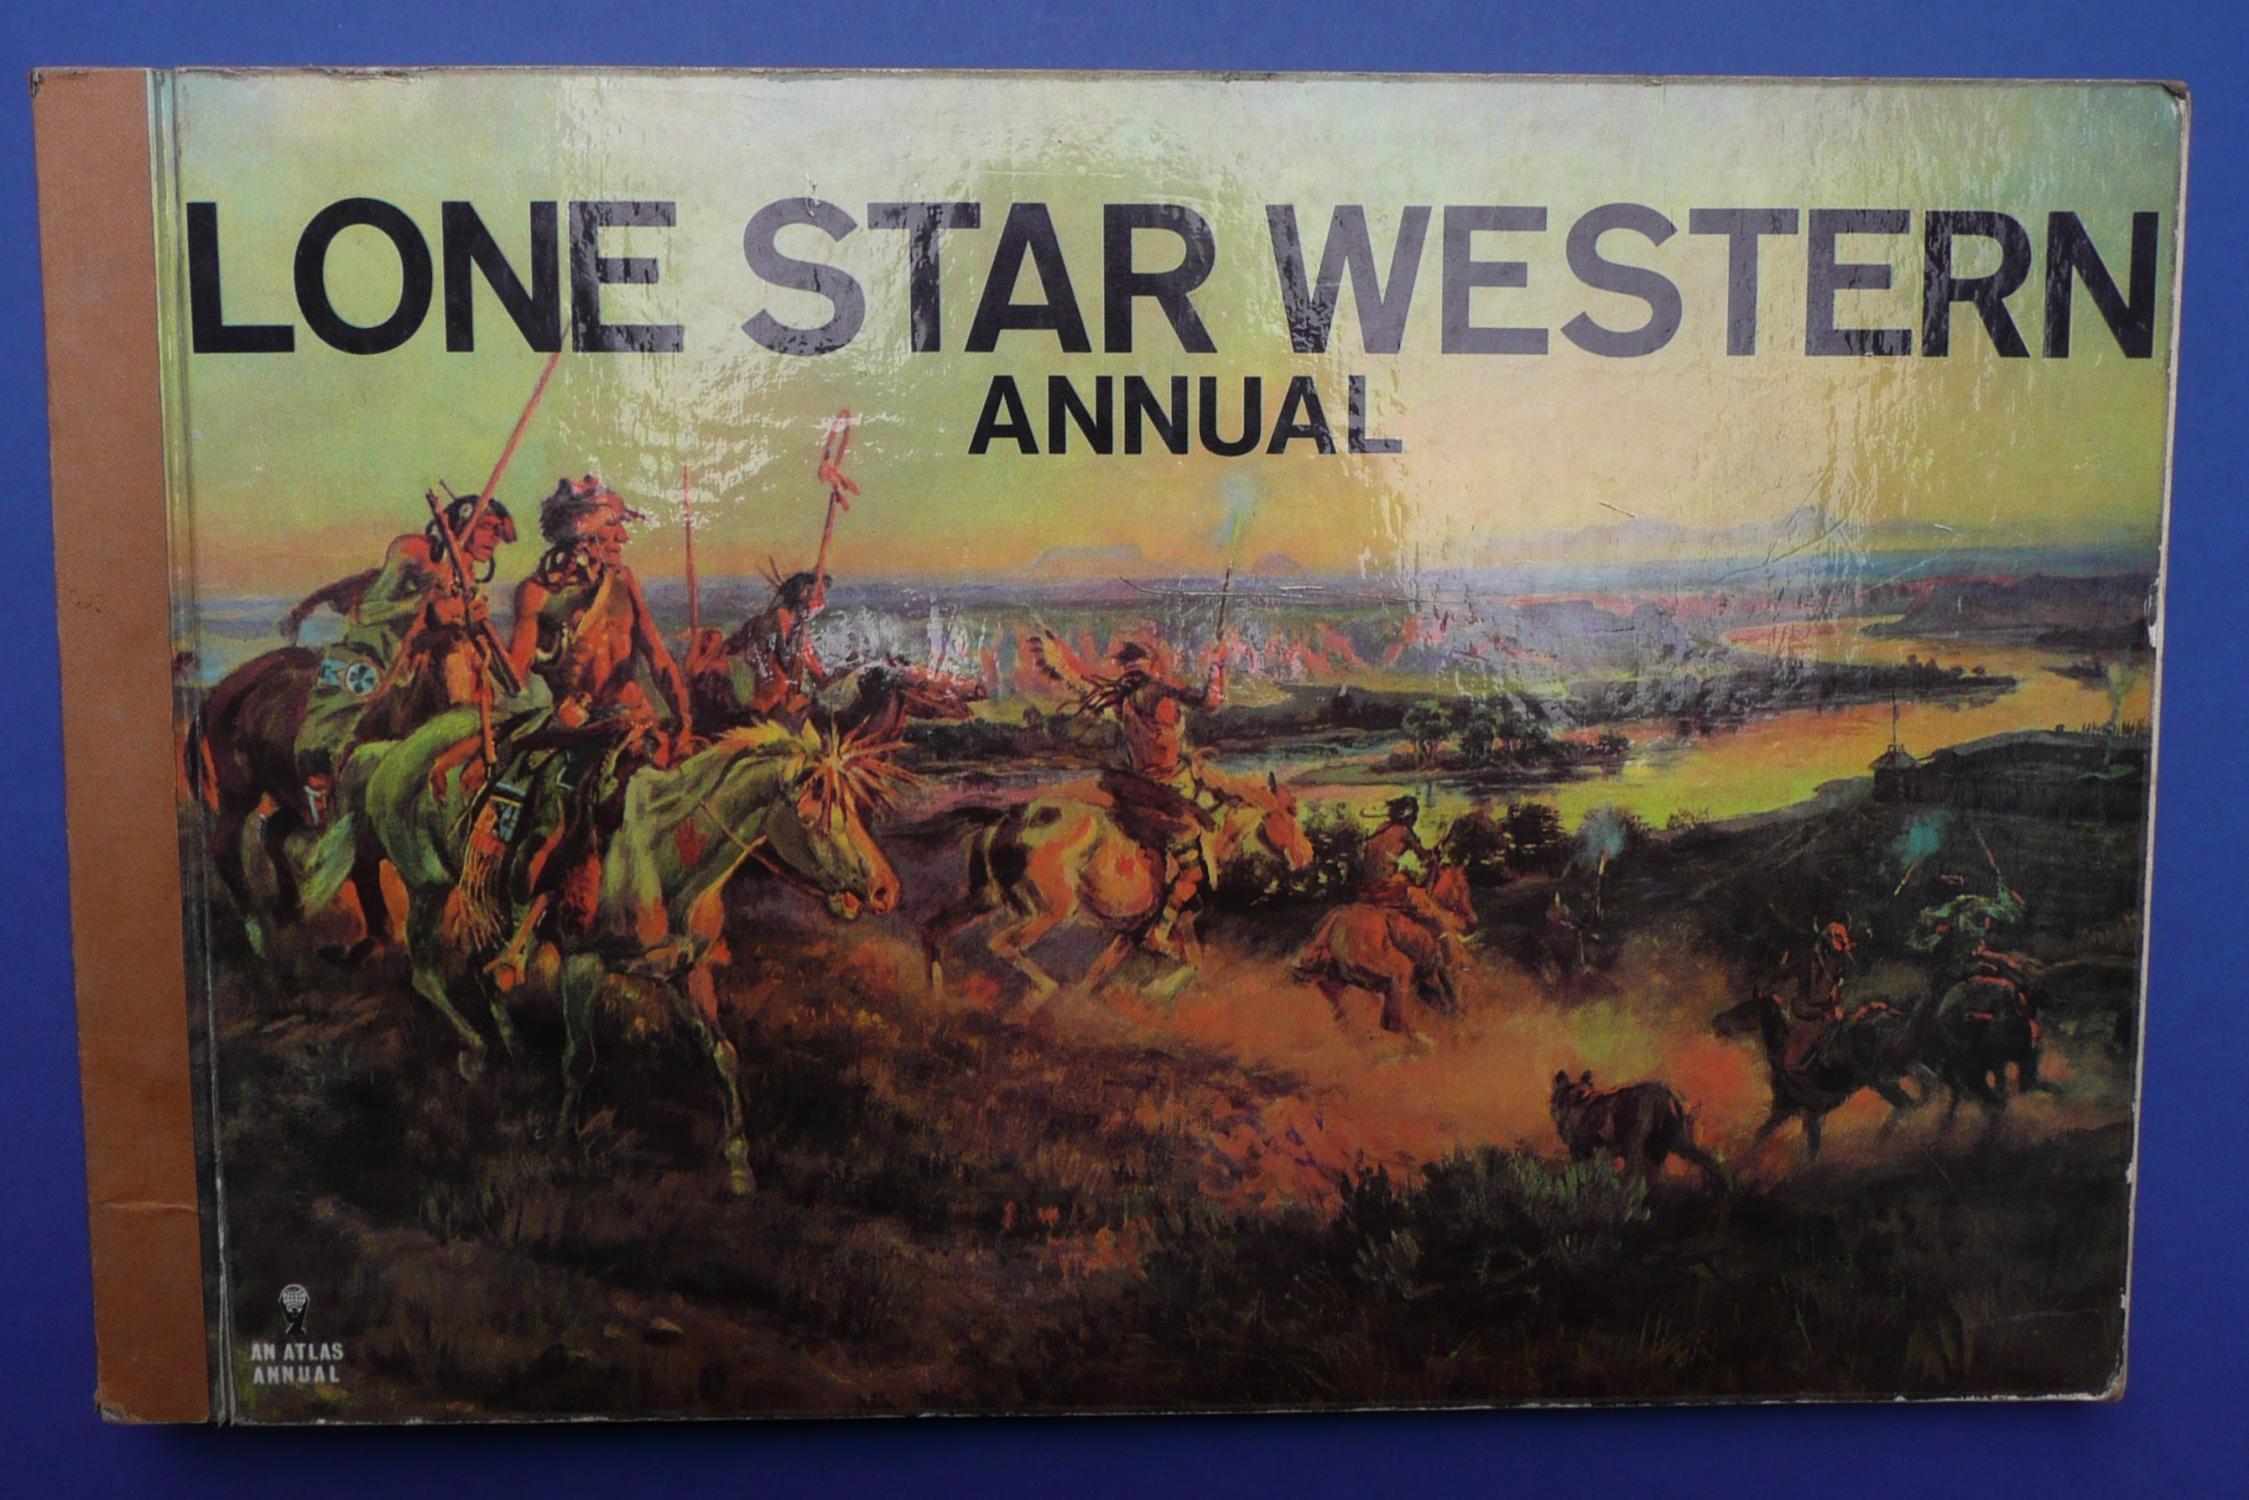 Lone Star Western Annual